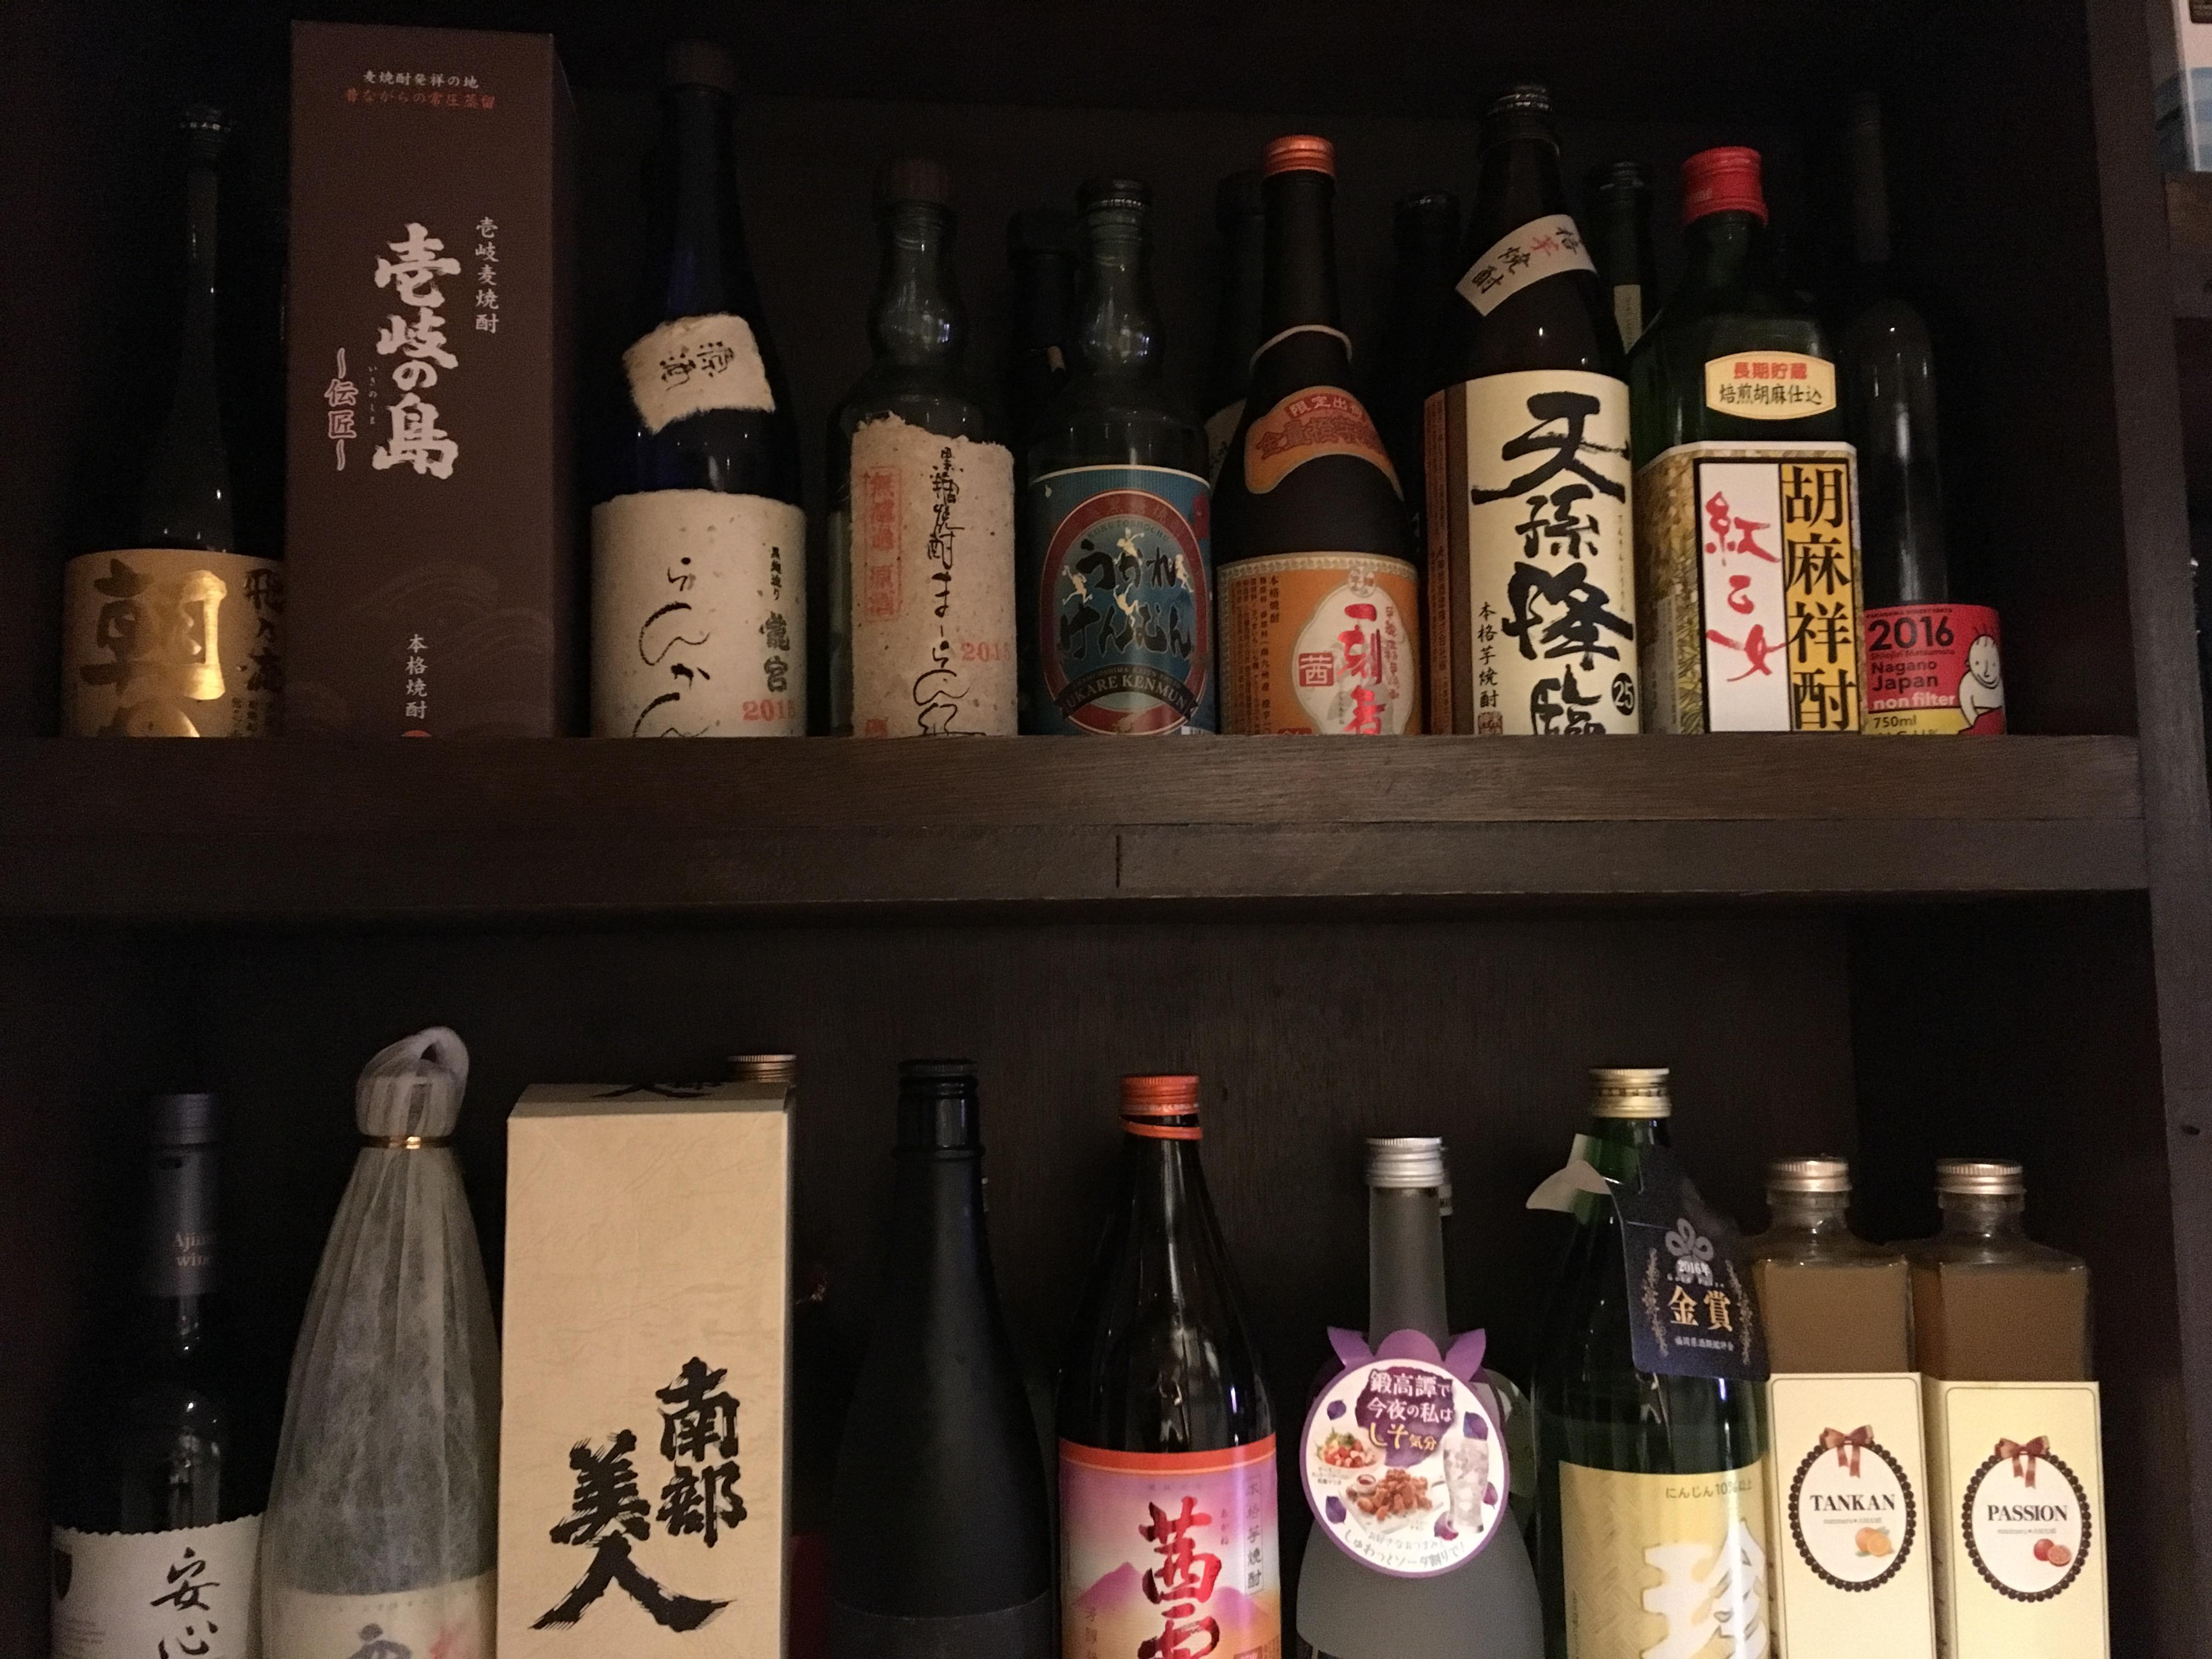 【楽が気 新橋本店】が厳選したお酒で飲み会をしませんか?